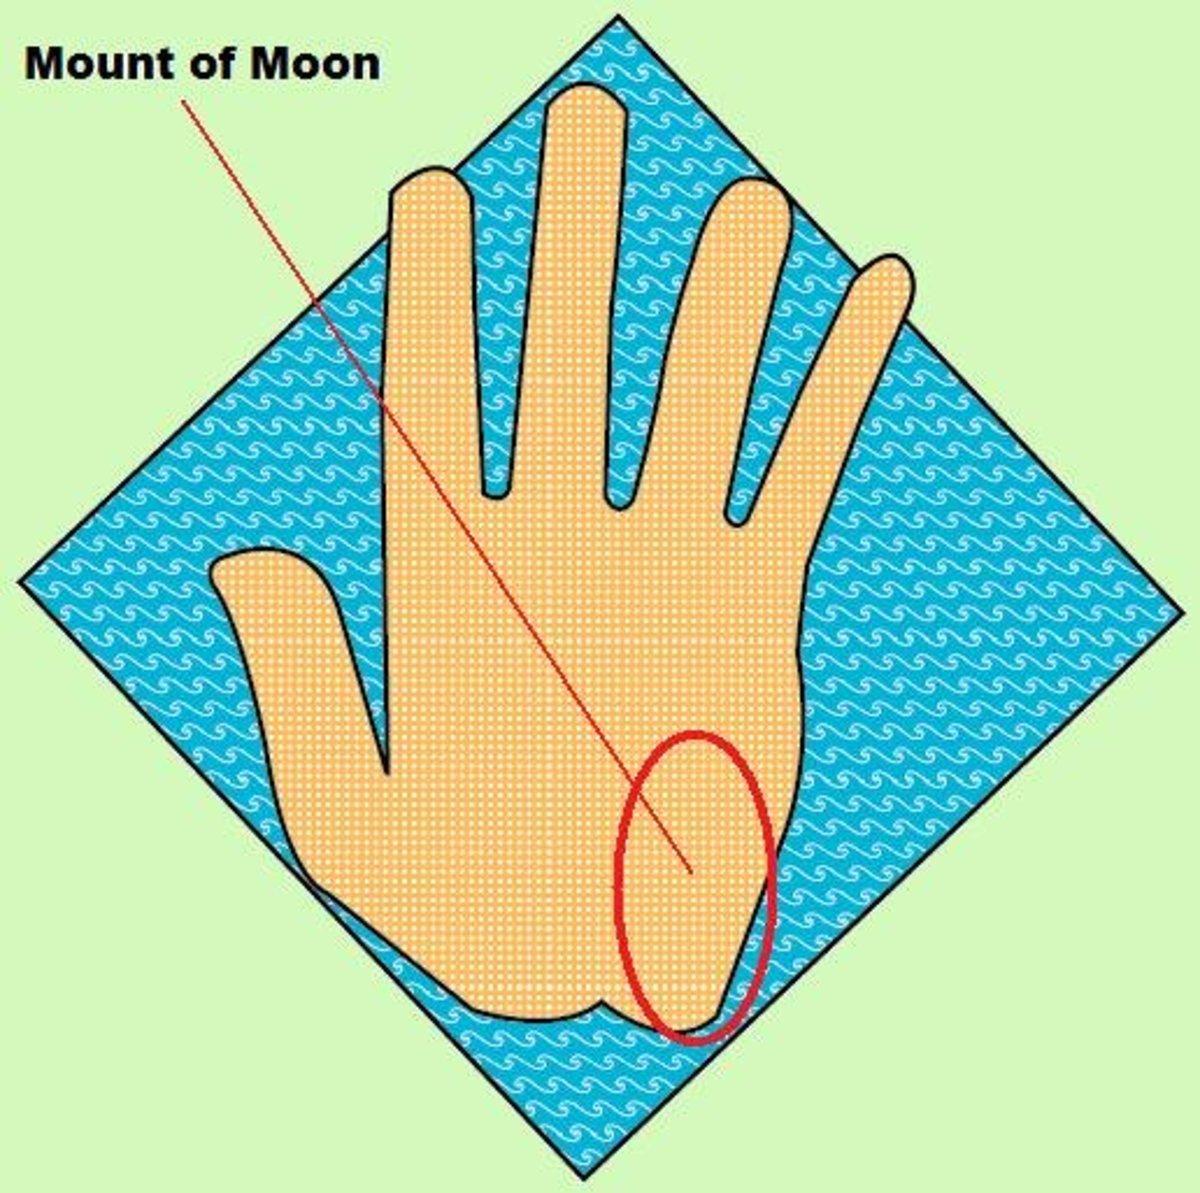 Mount of Luna in palmistry